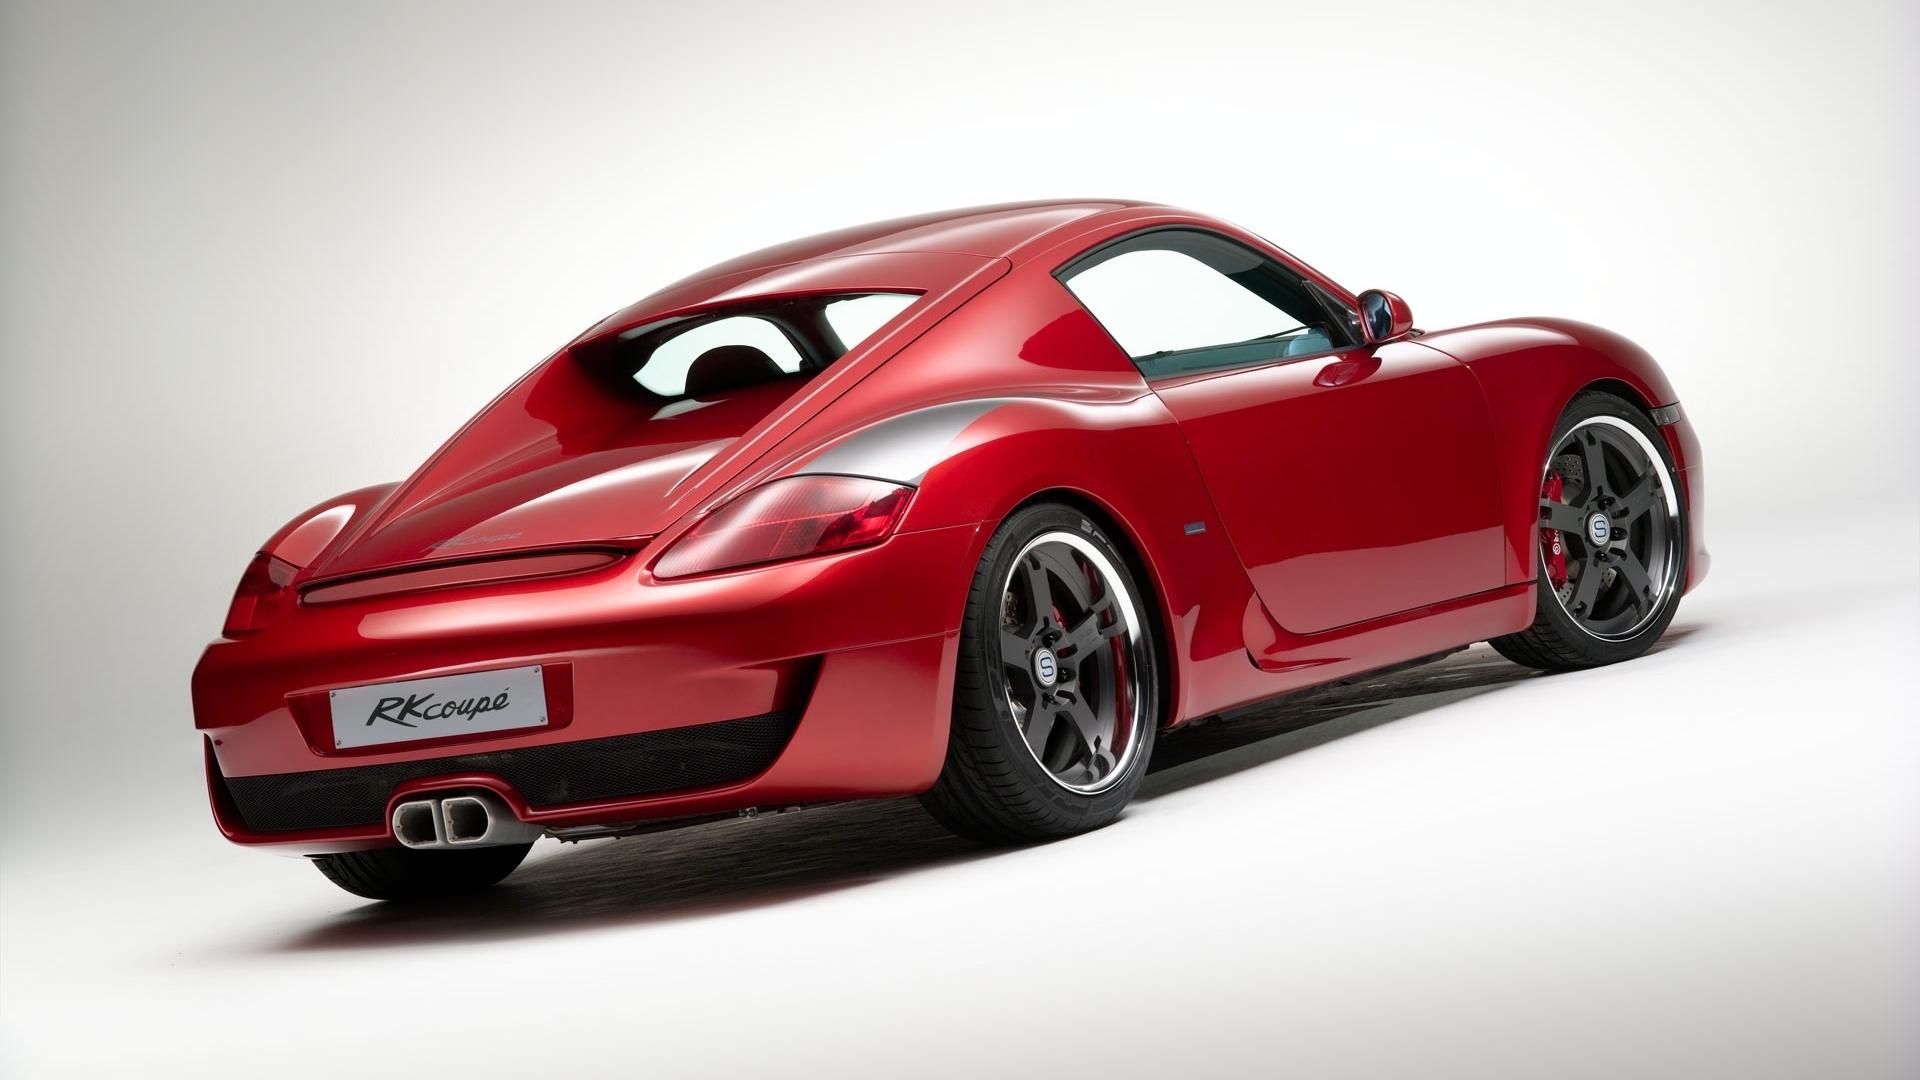 23908 скачать обои Транспорт, Машины, Порш (Porsche) - заставки и картинки бесплатно